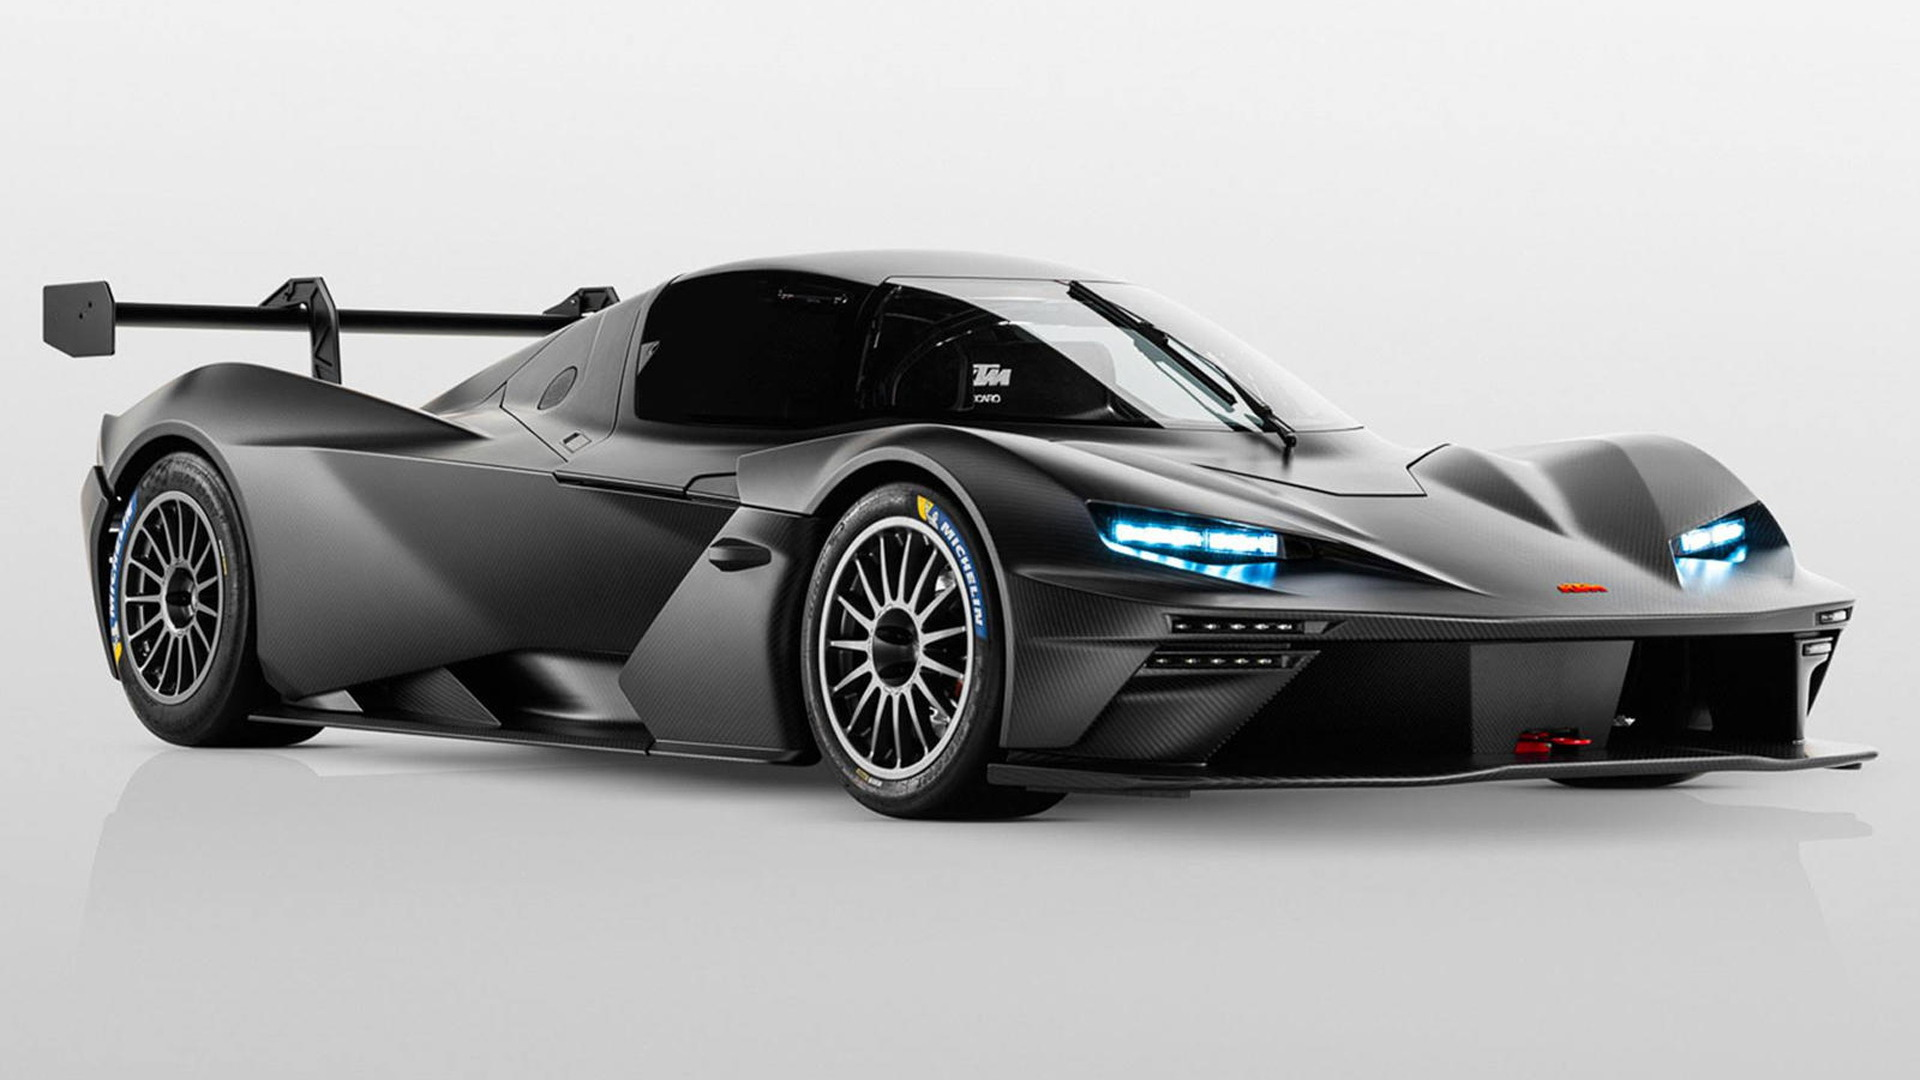 2021 KTM X-Bow GTX race car